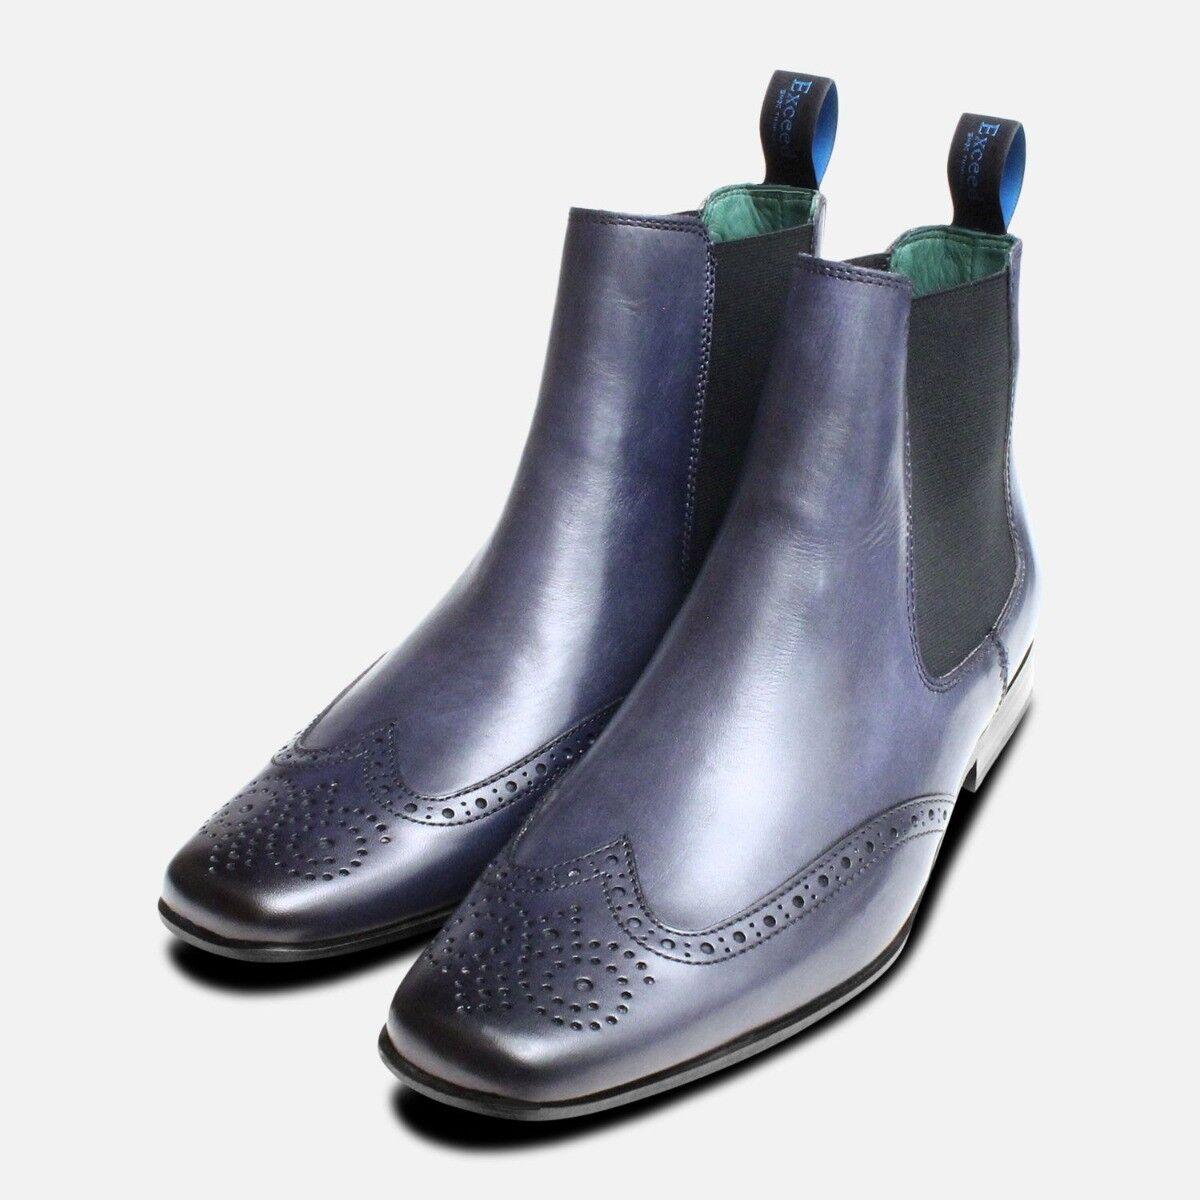 Bleu Marine Chelsea démarrage Chaussures par Exceed Chaussures